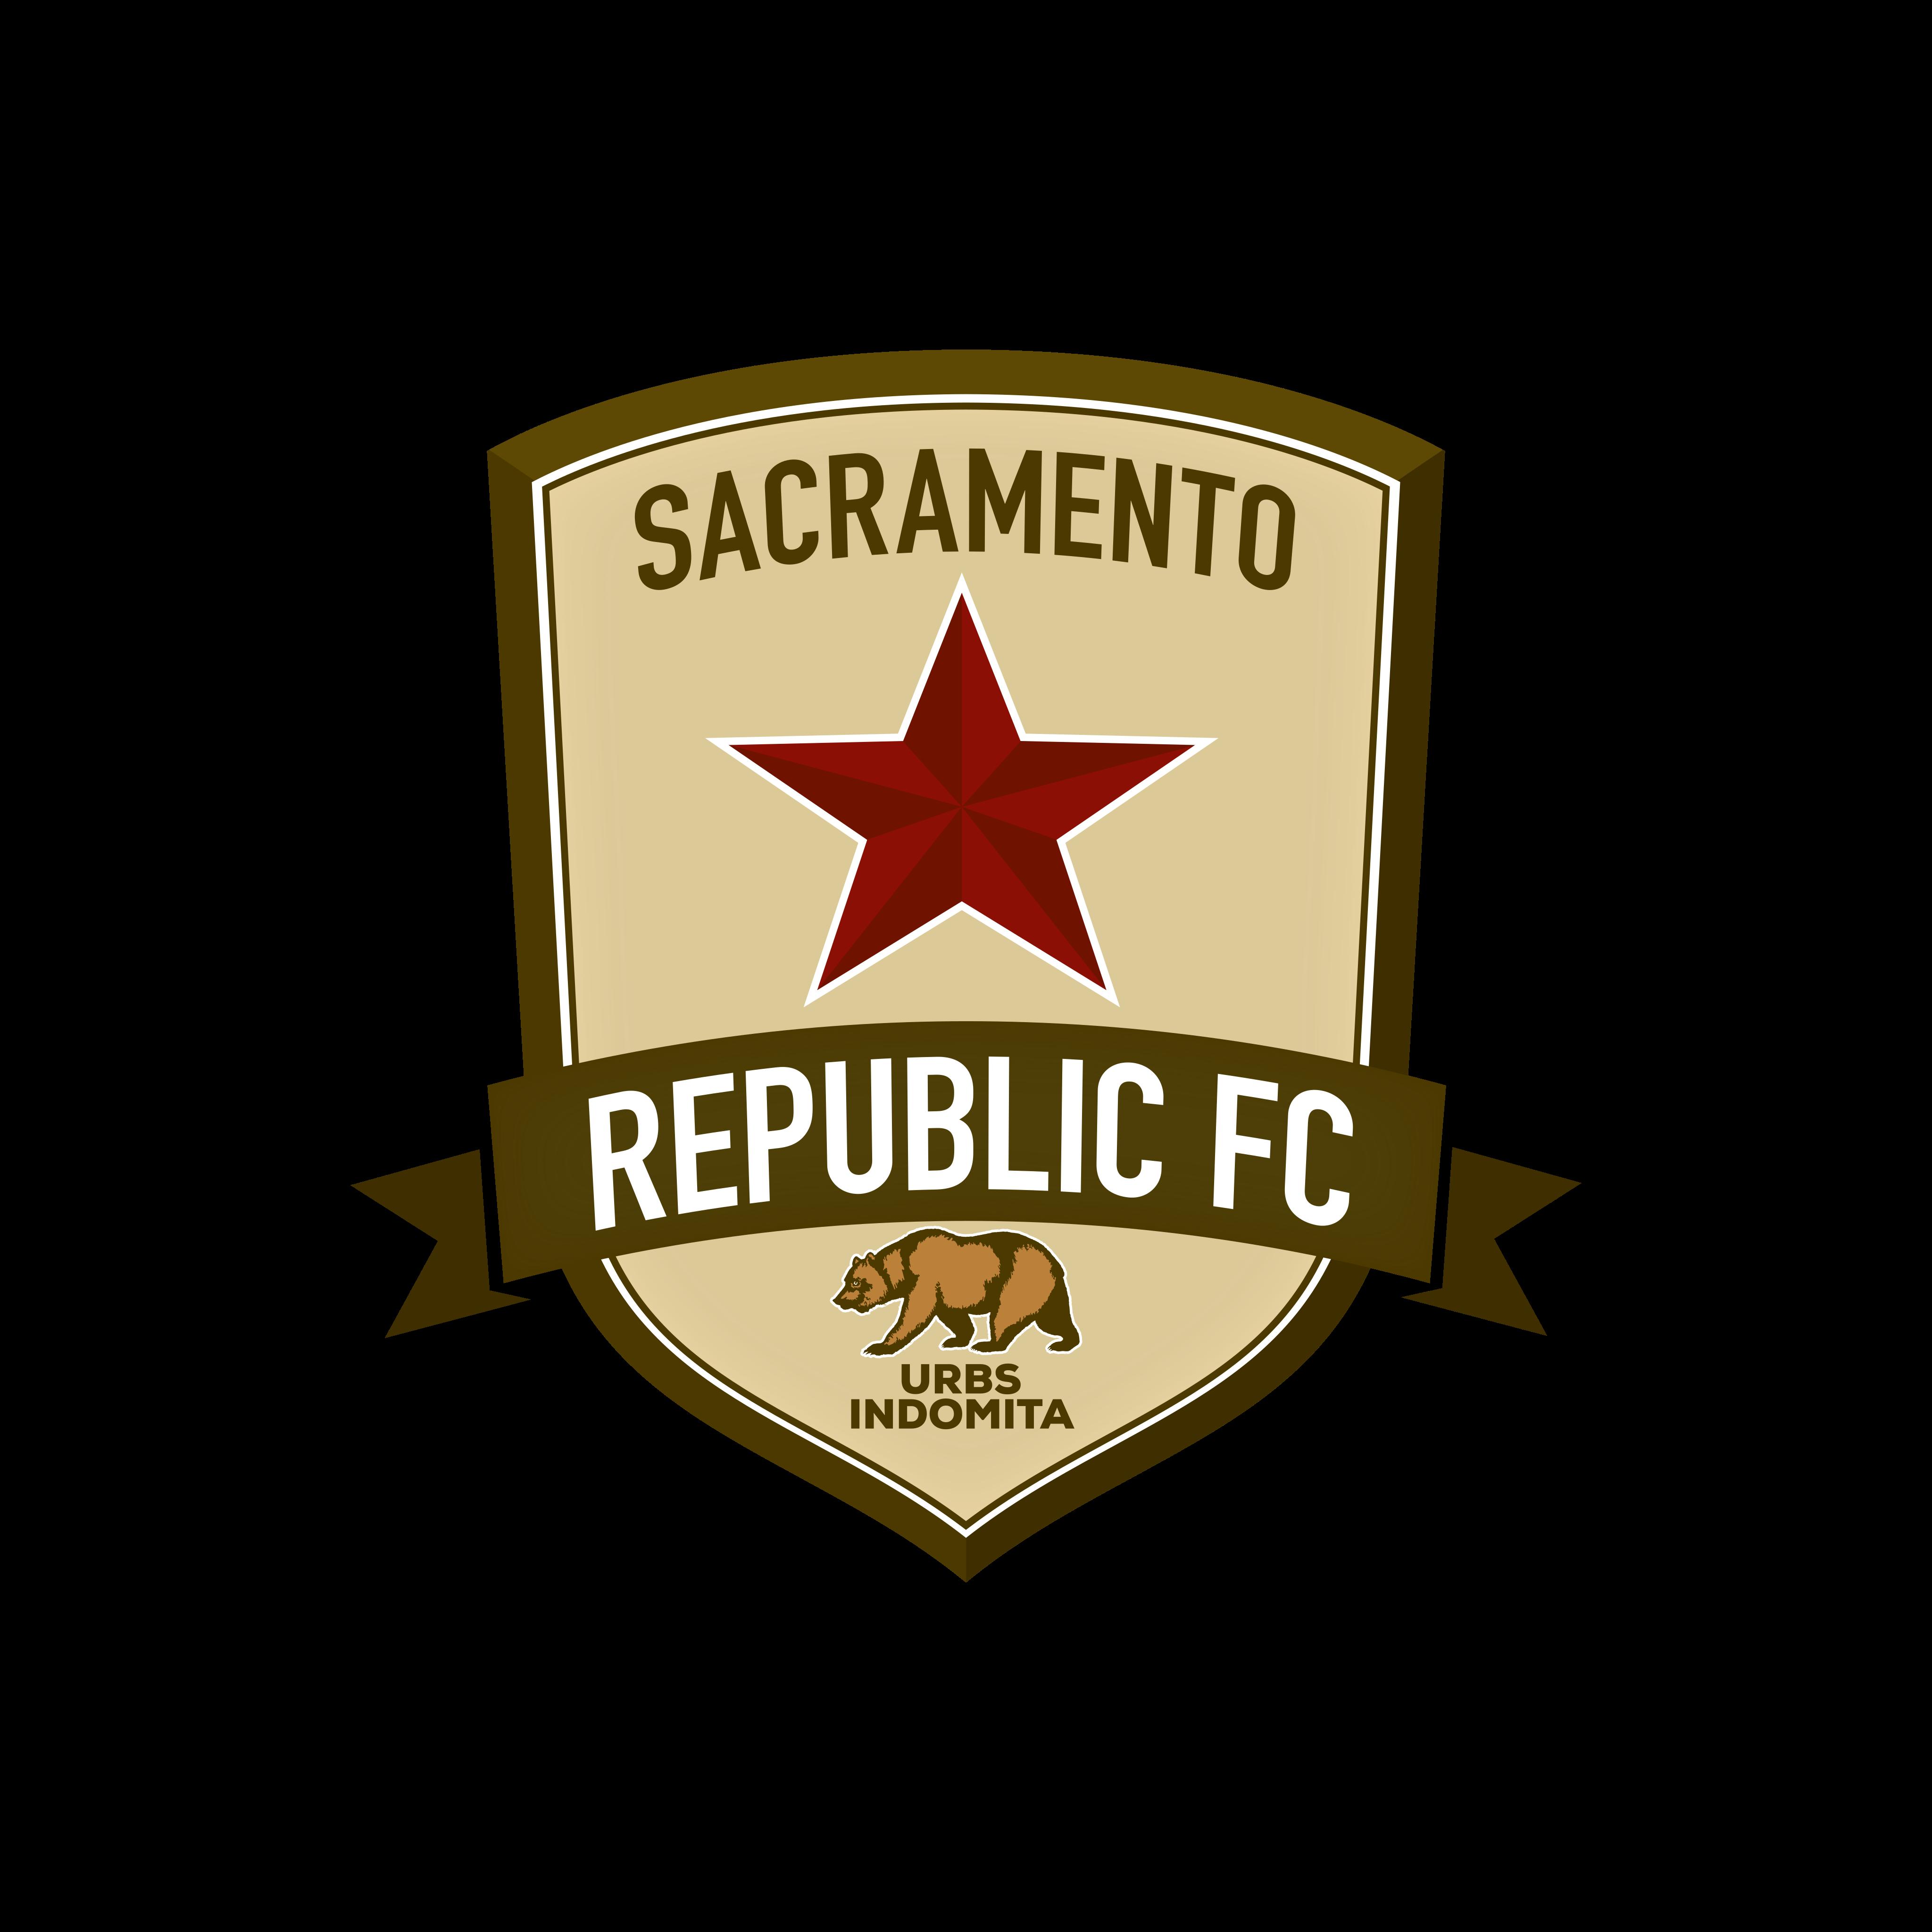 sacramento republic fc logo 0 - Sacramento Republic FC Logo